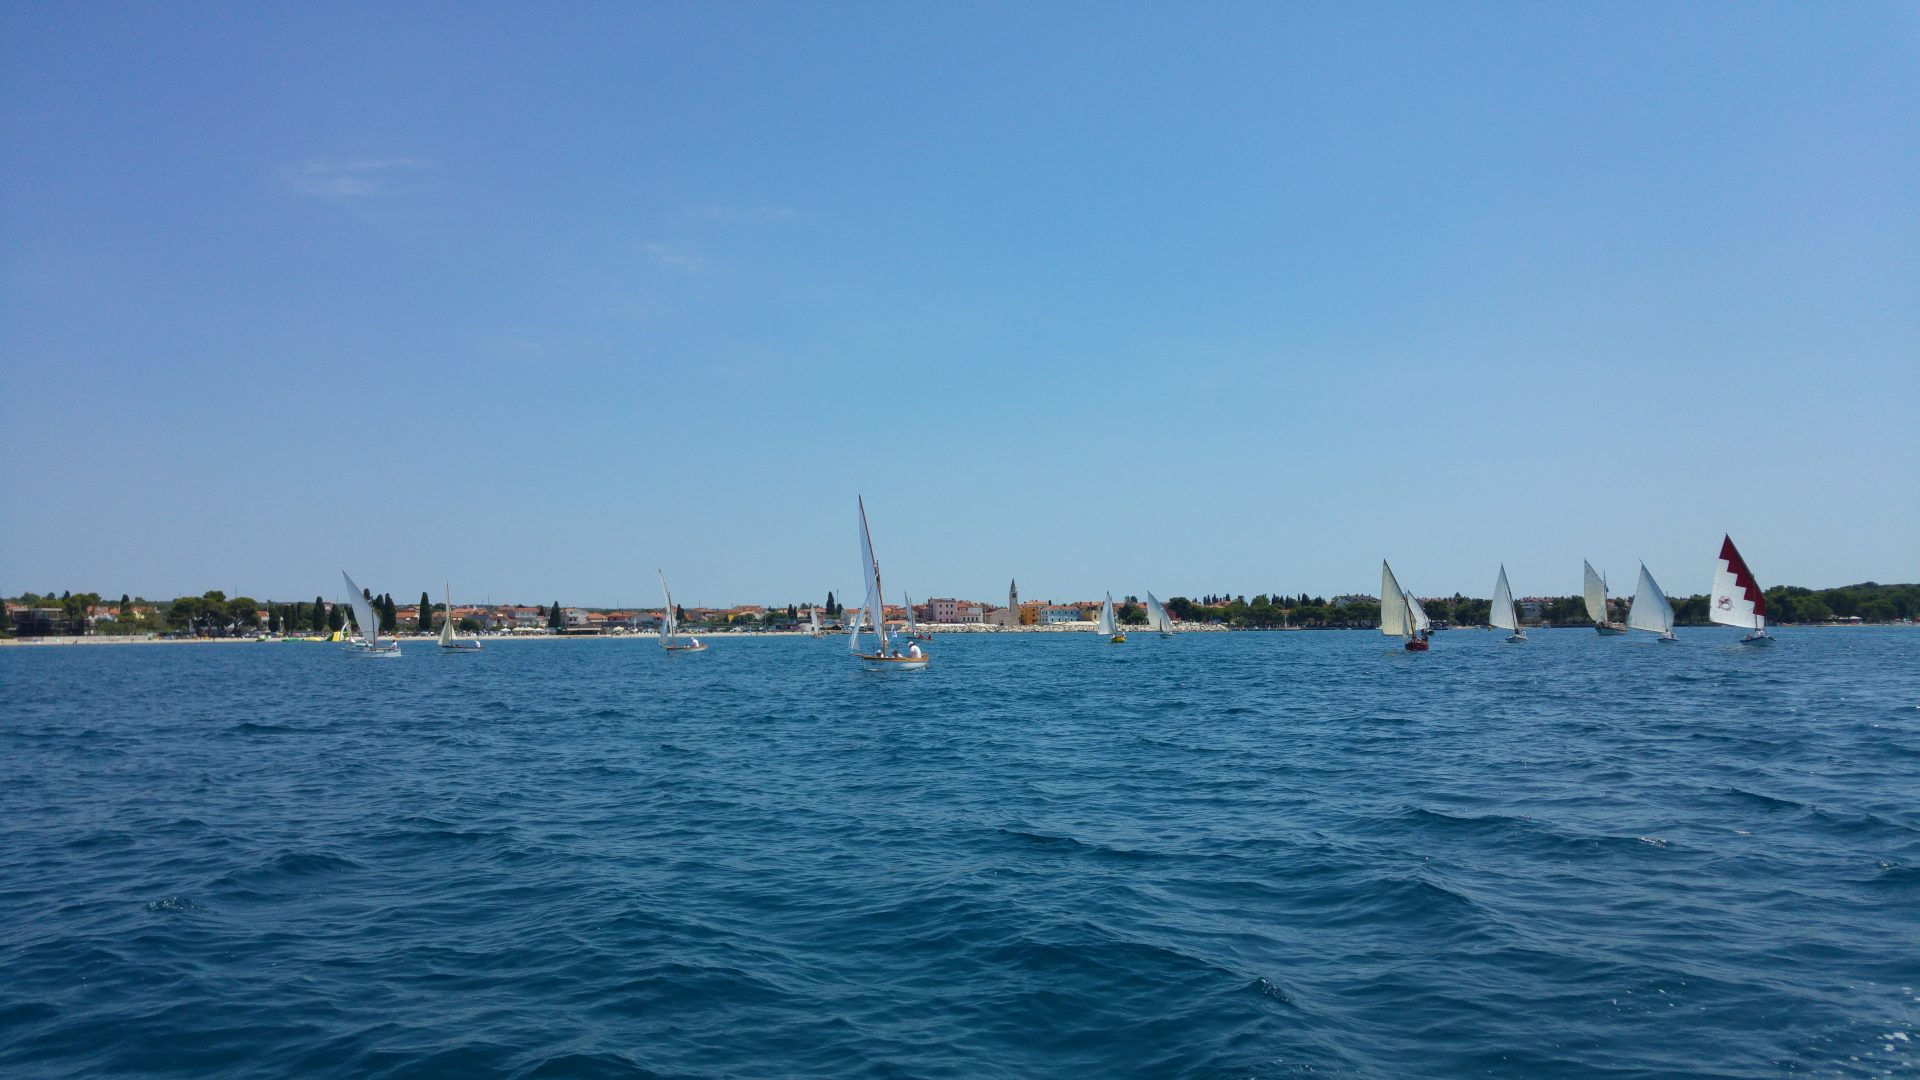 9. Fažanas Regatta/Segeln mit traditionellen Schiffen